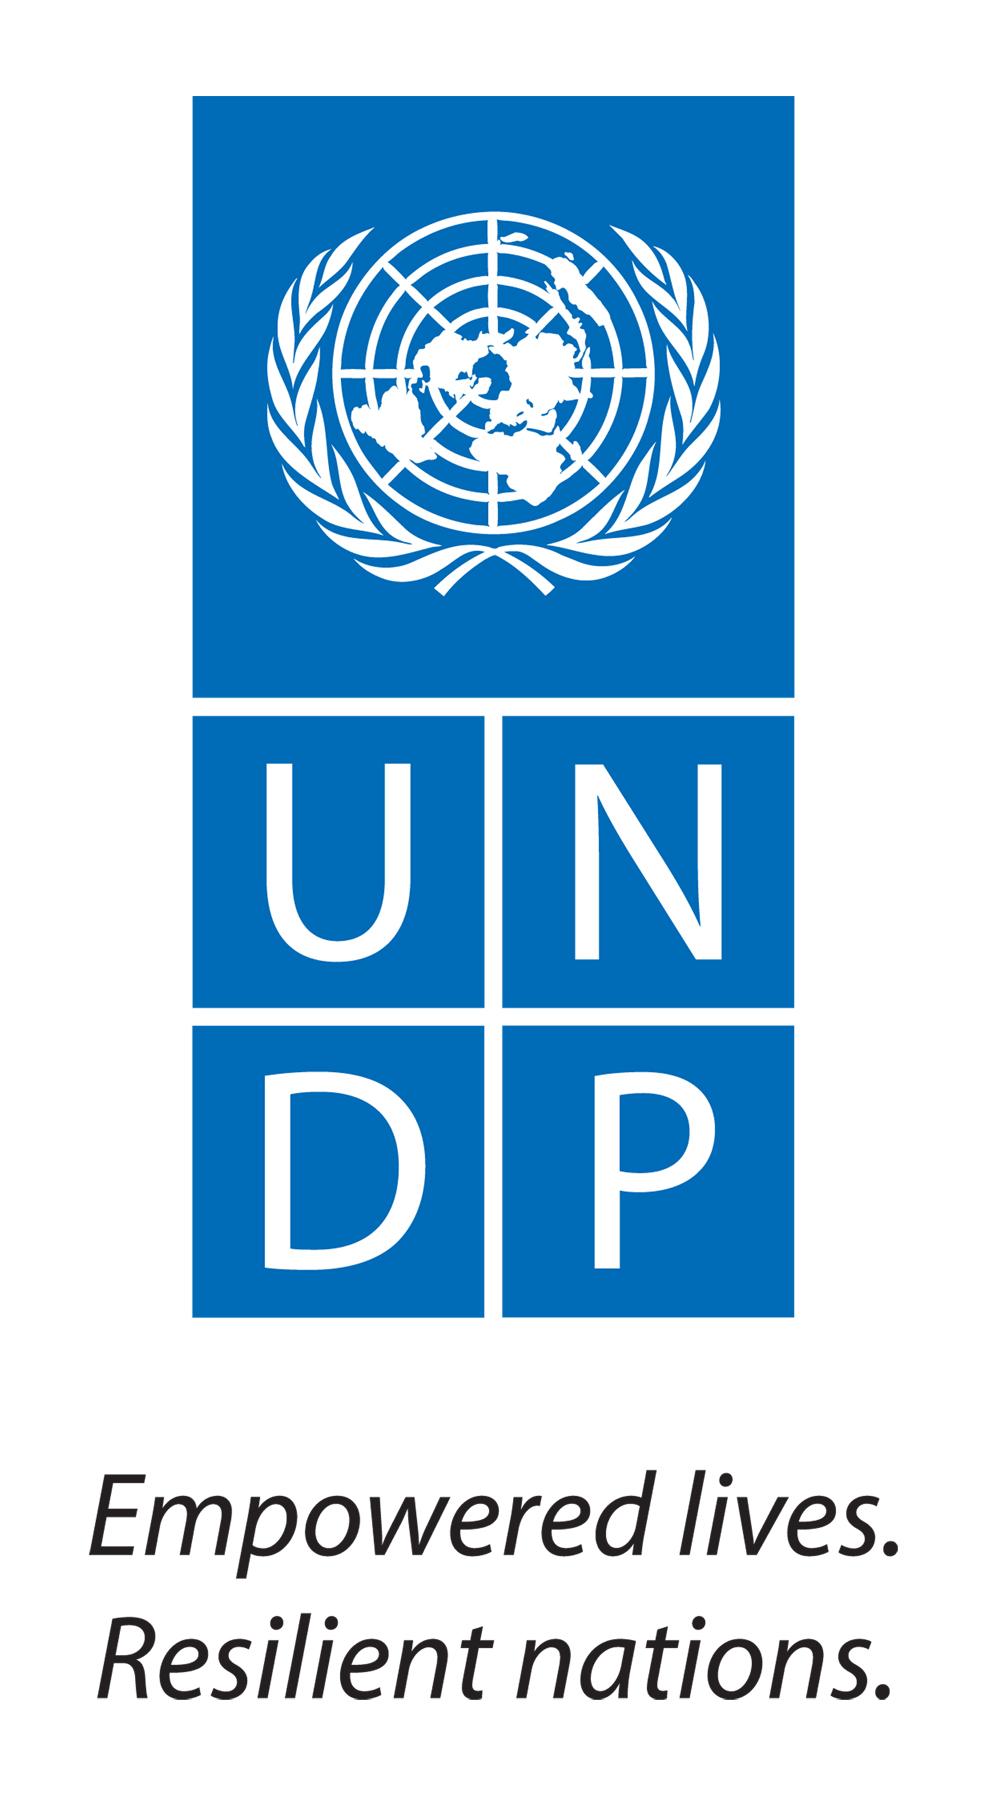 UNDP_Logo_Medium.jpg